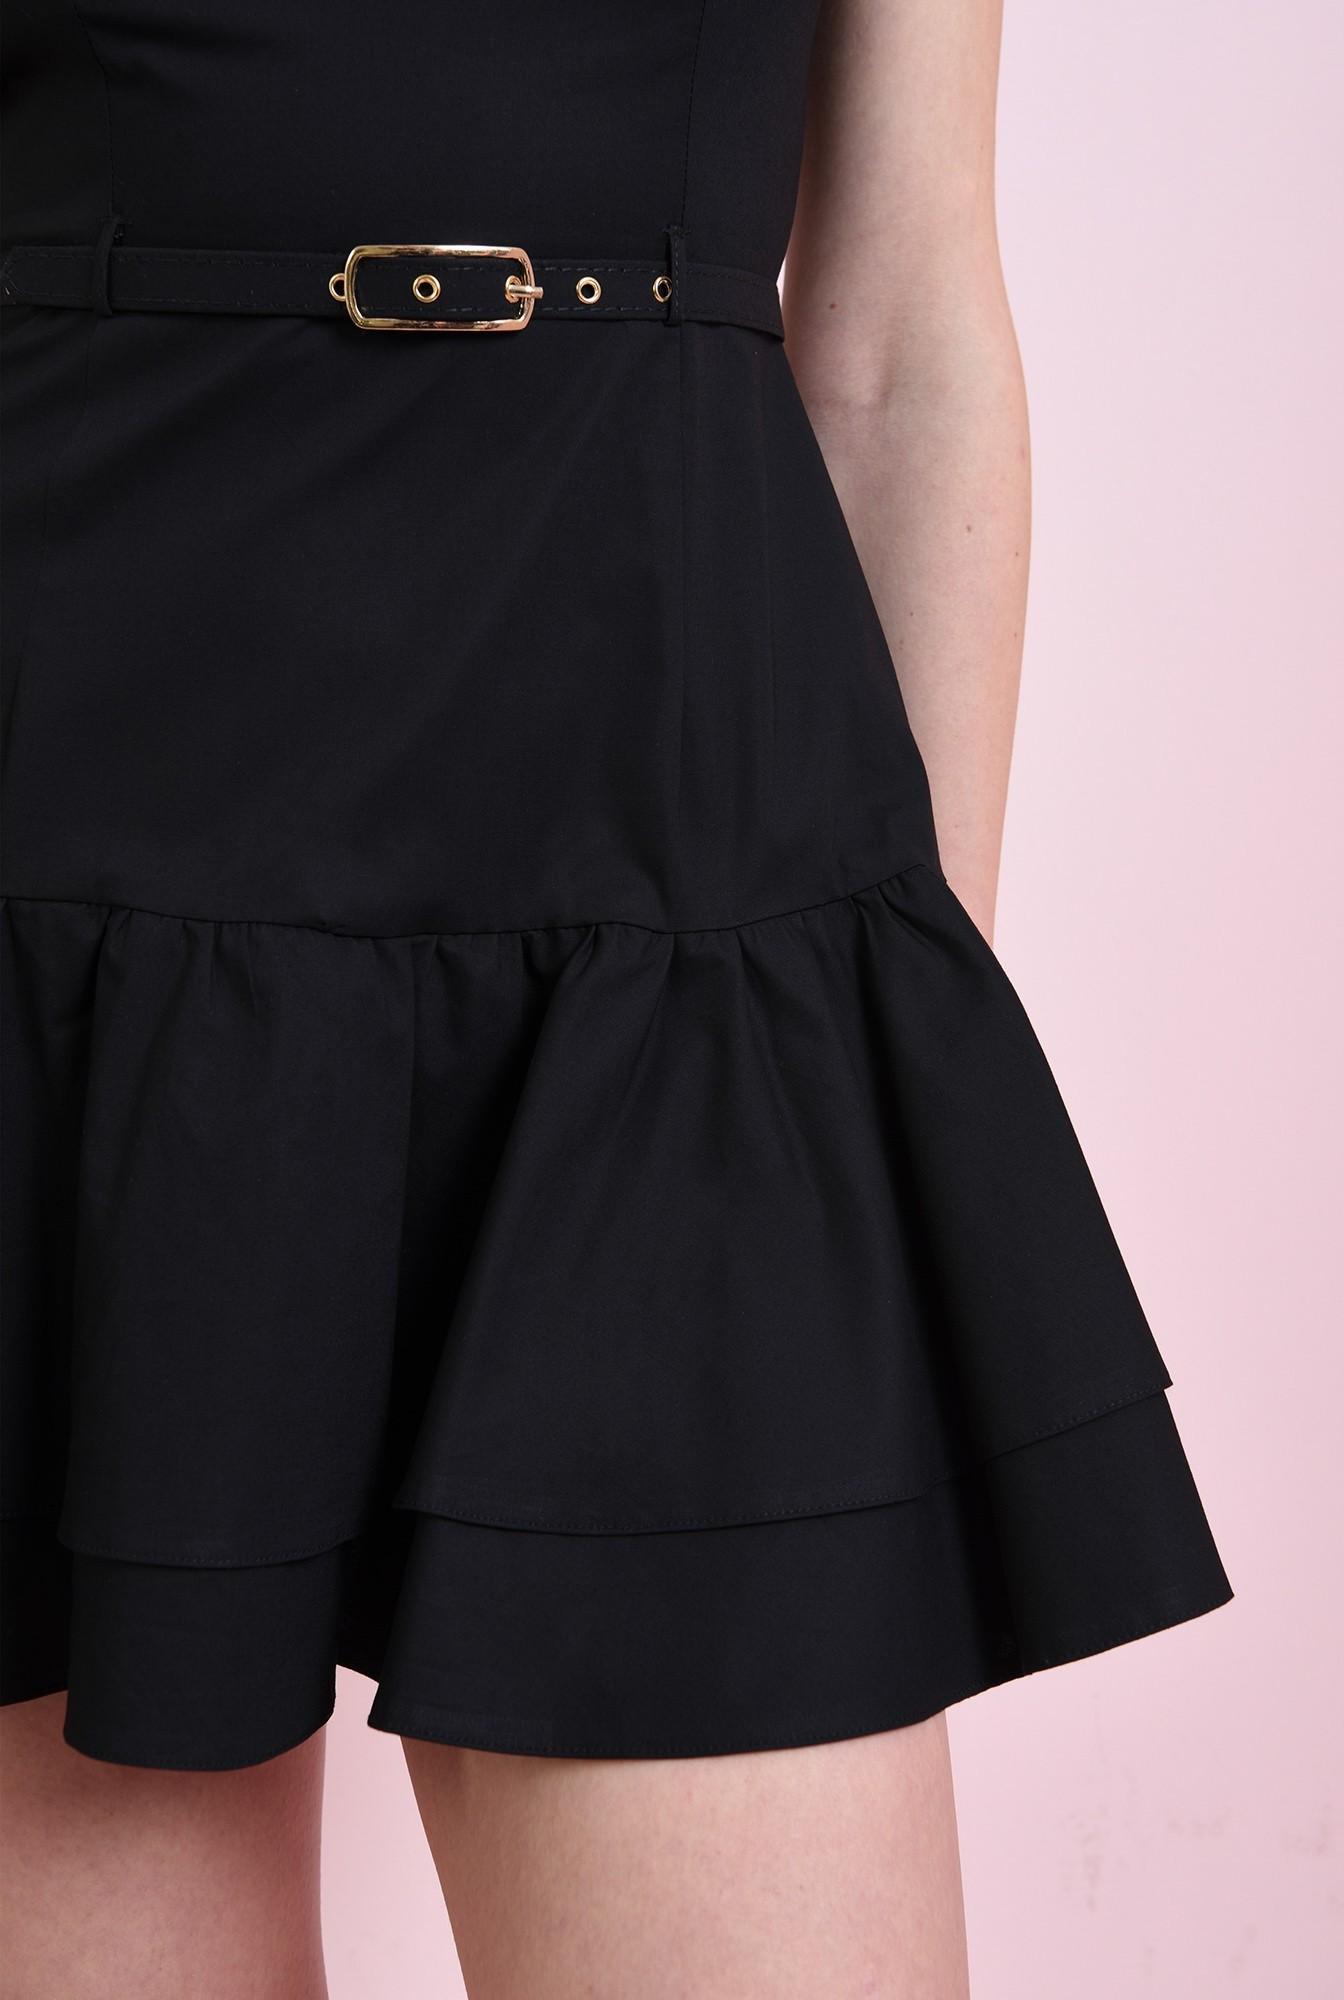 2 - rochie neagra, cu volane, Poema